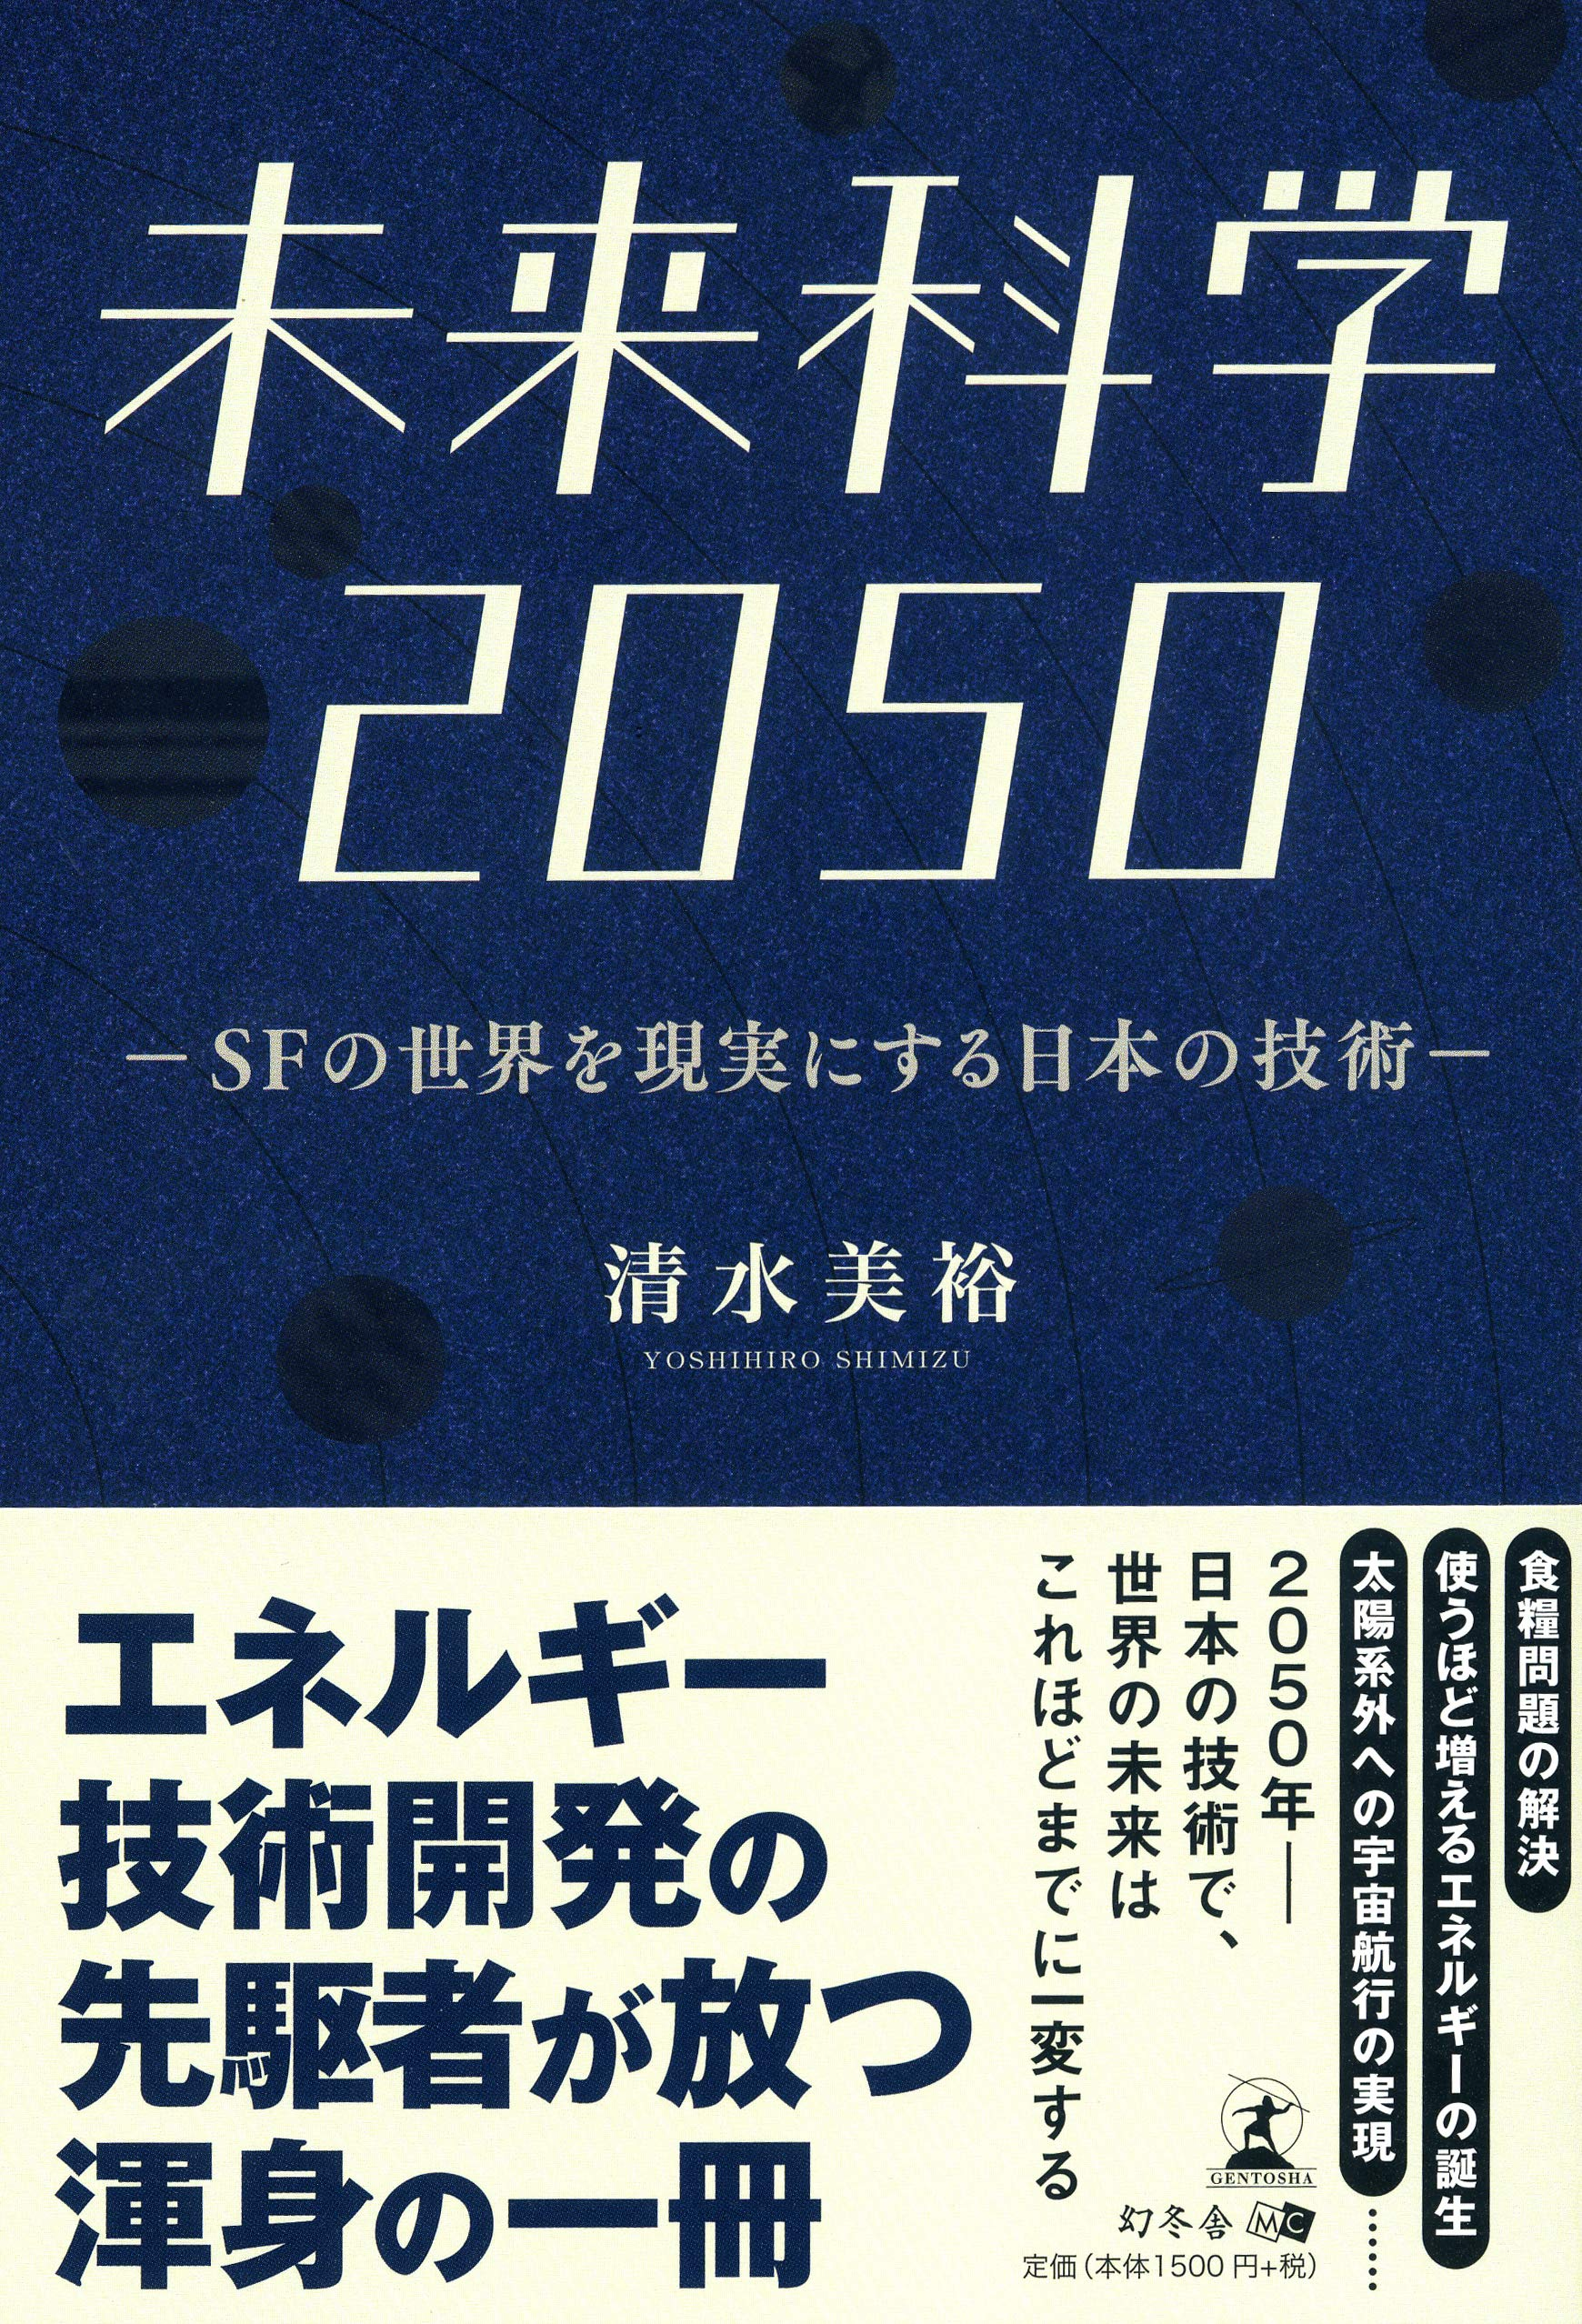 未来科学2050 SFの世界を現実にする日本の技術